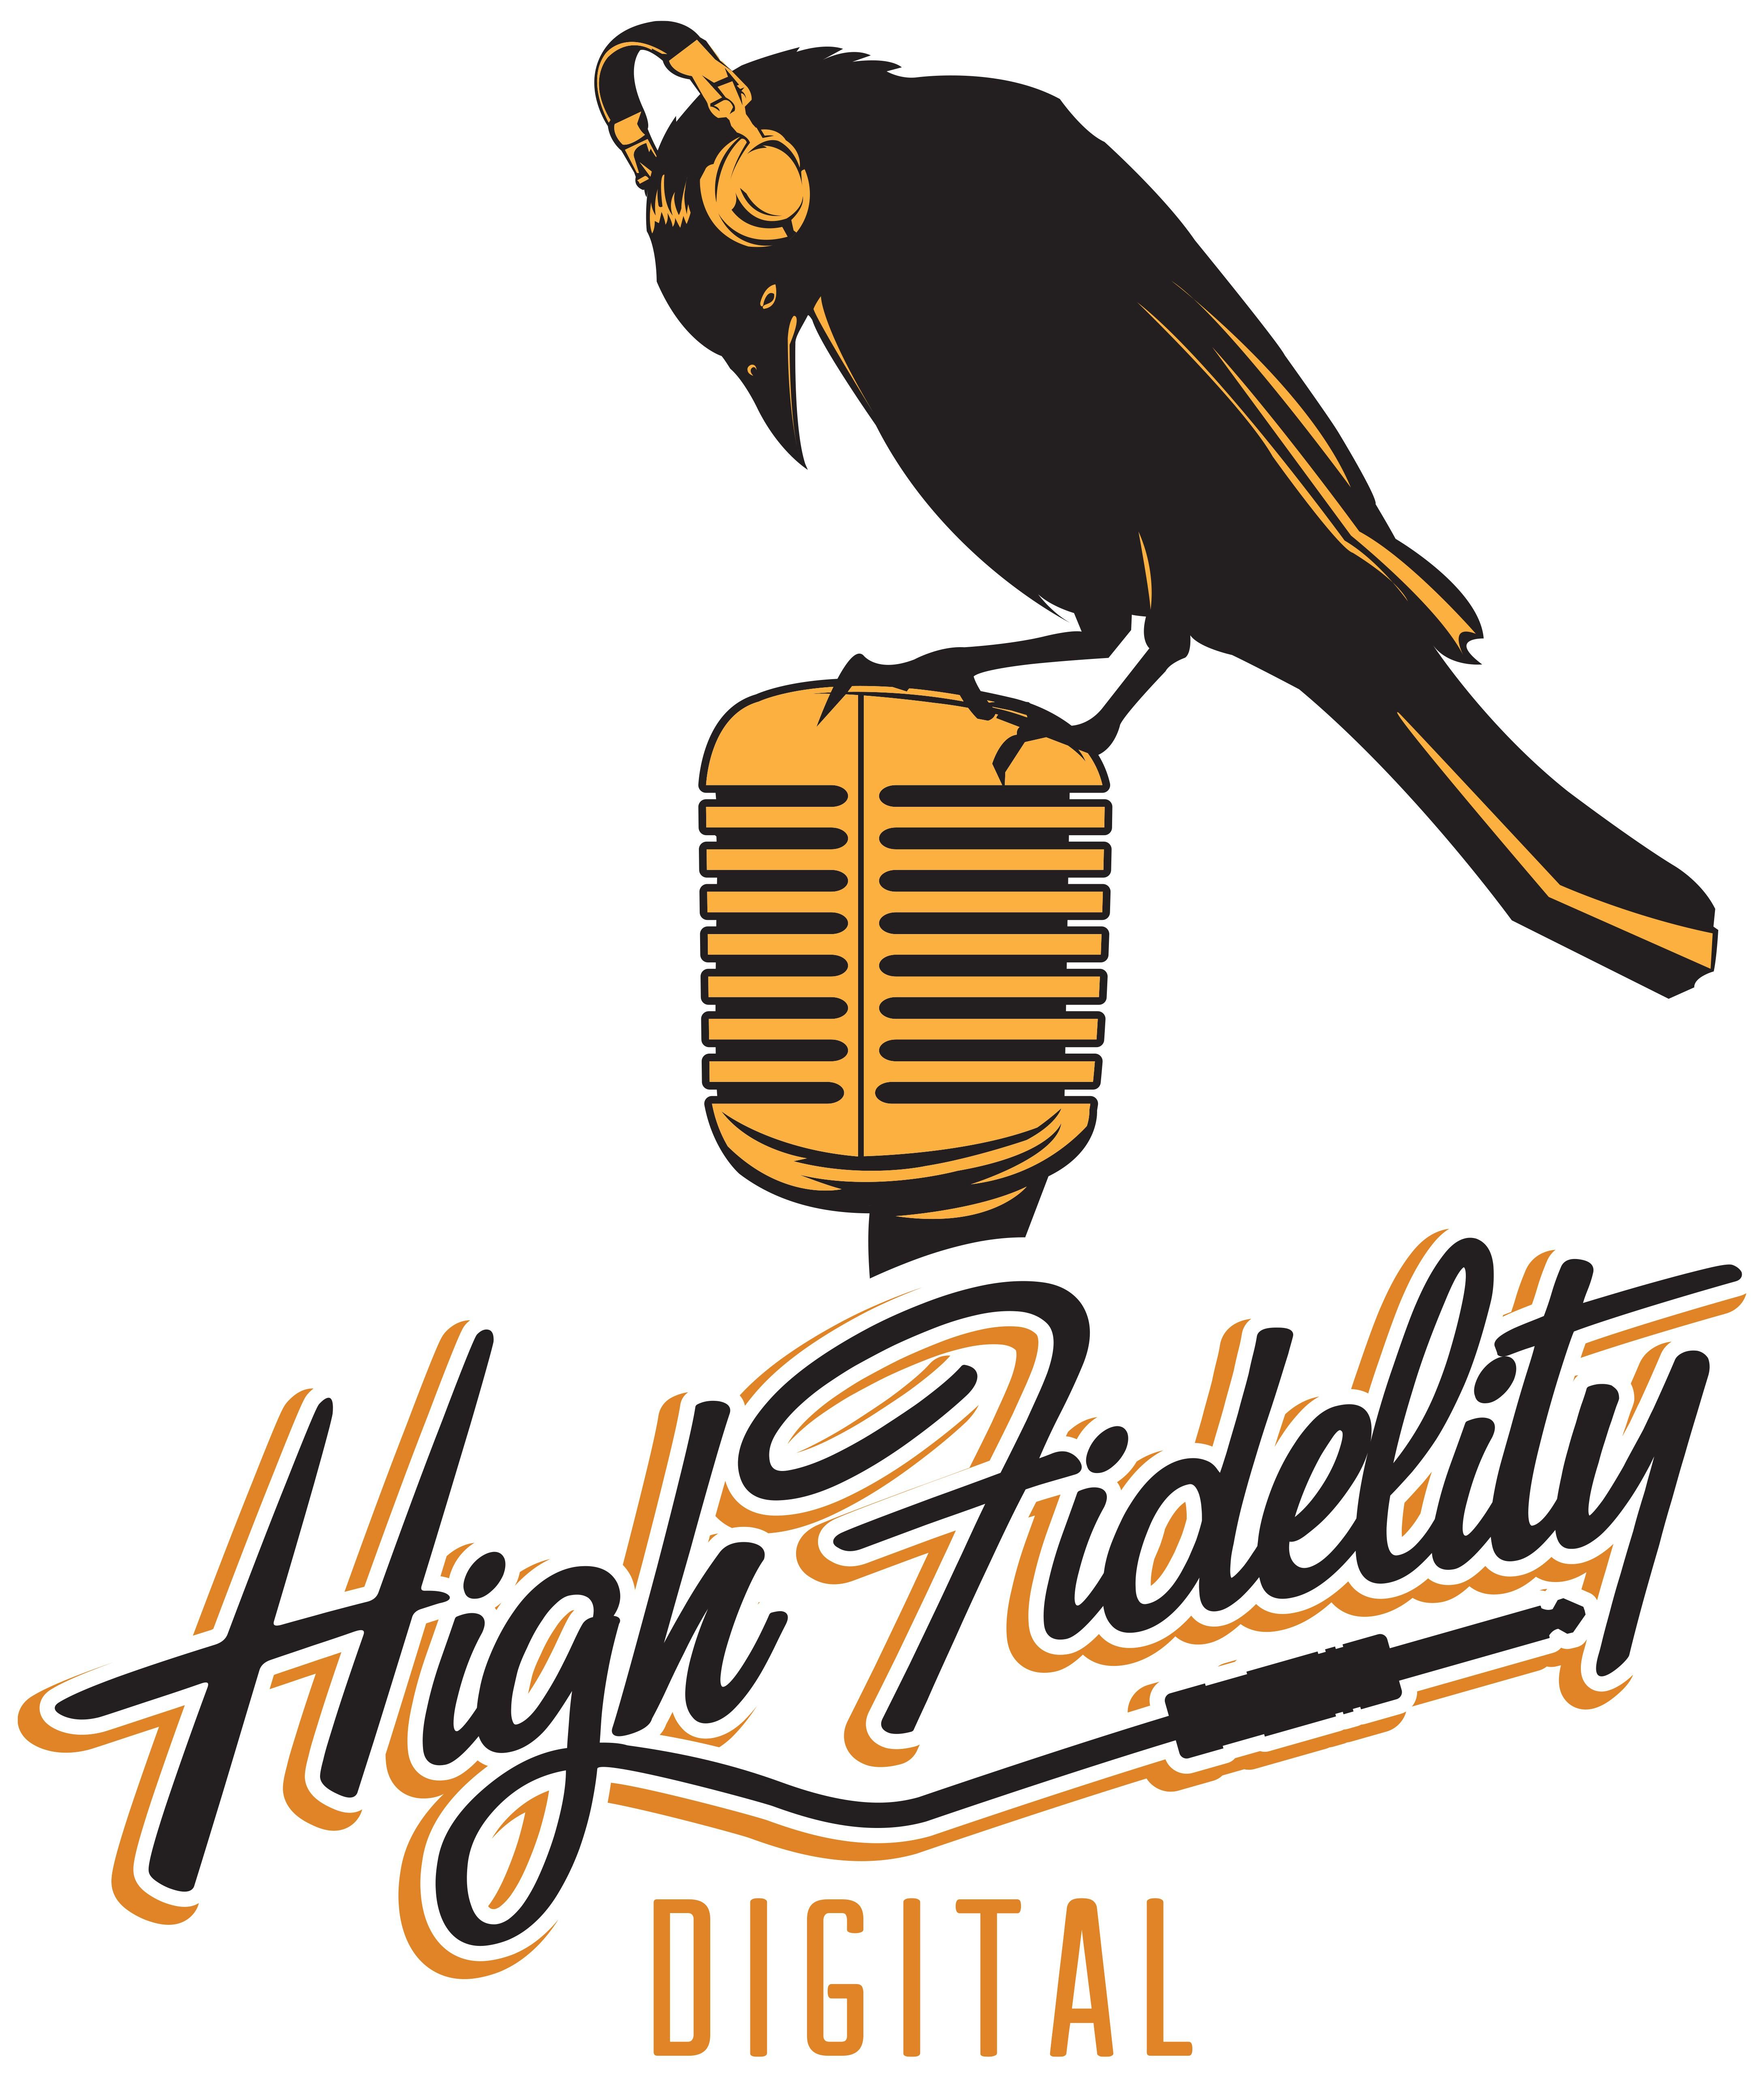 High Fidelity Digital logo